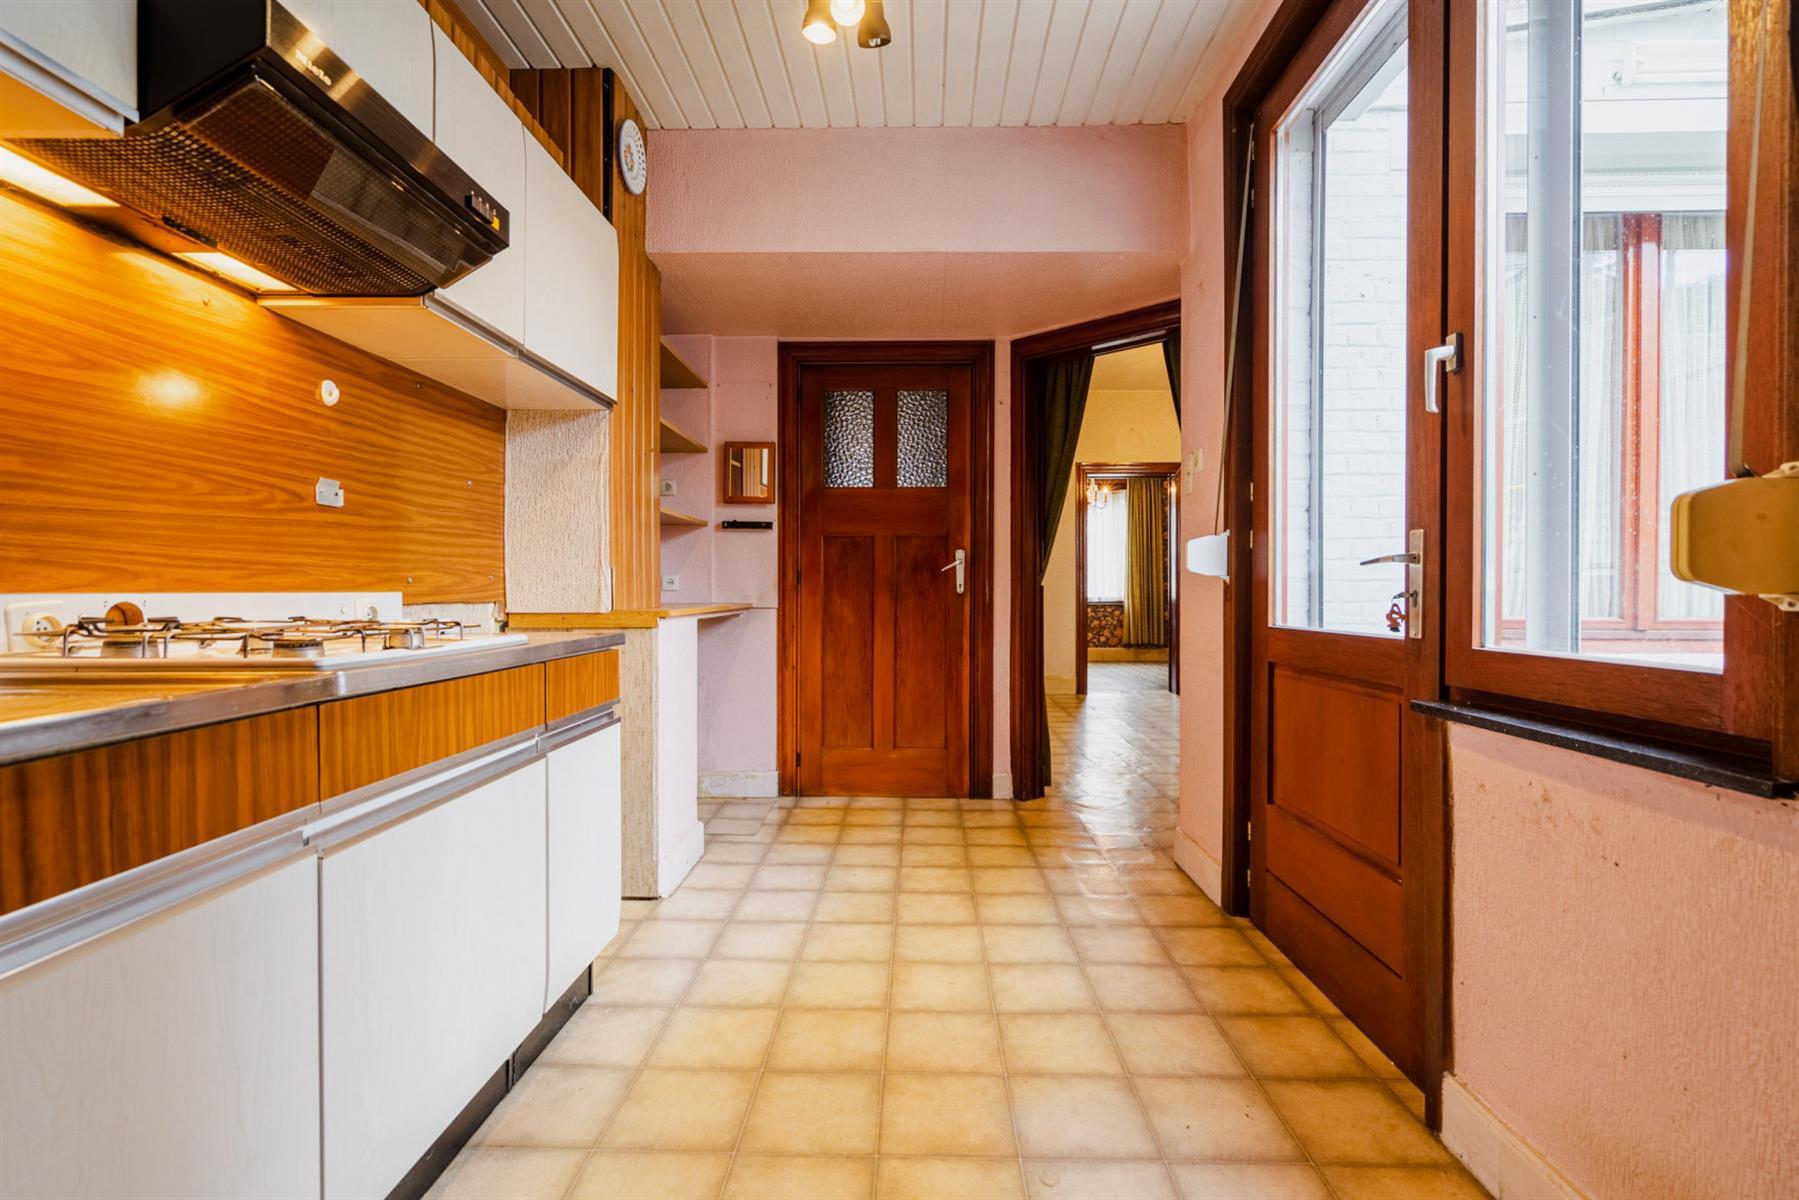 Maison - Court-saint-Étienne - #4518416-6